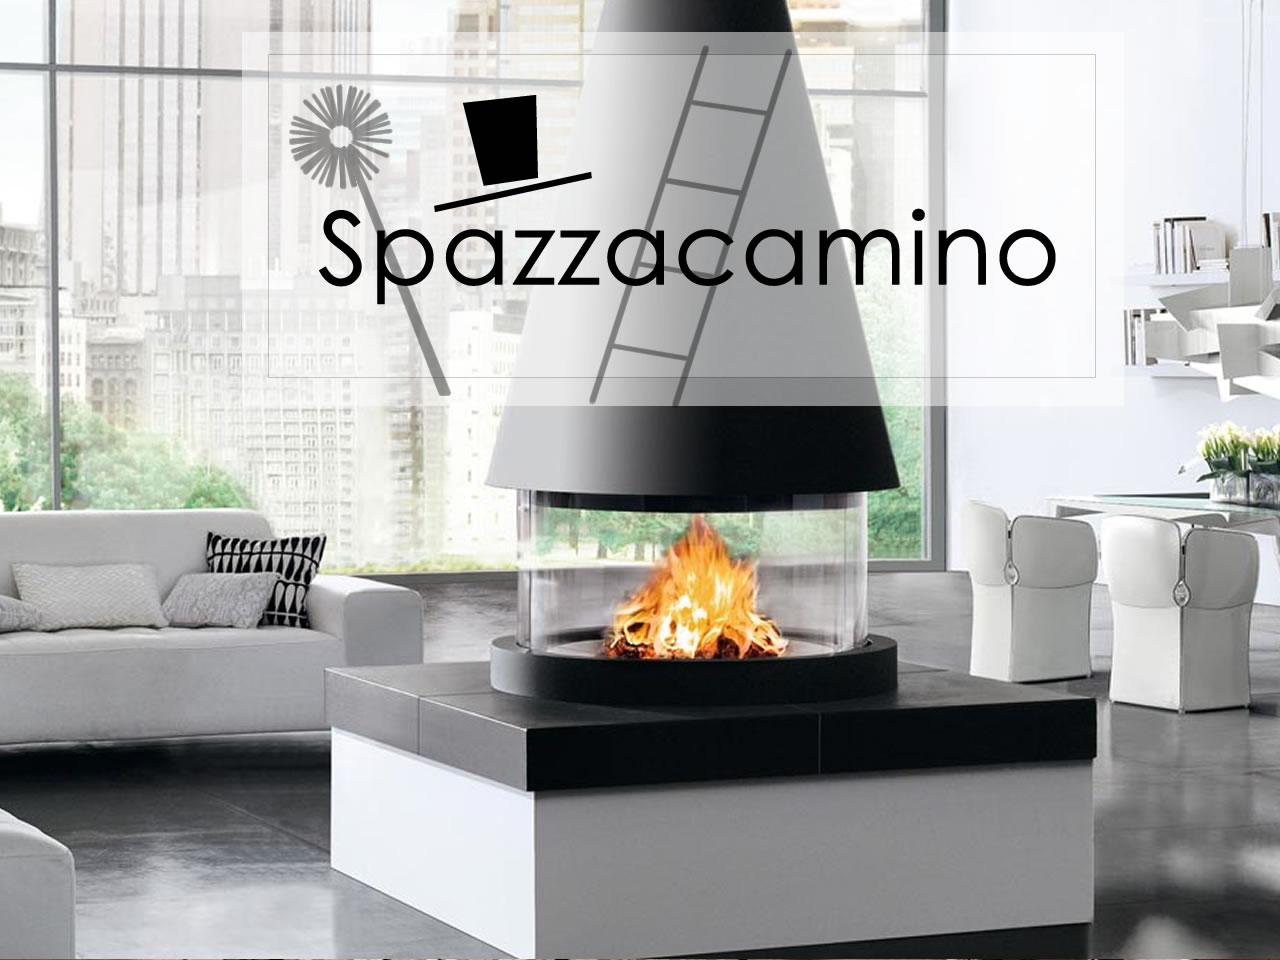 Bruzzano Milano - Spazzacamino Spazzacamino a Bruzzano Milano